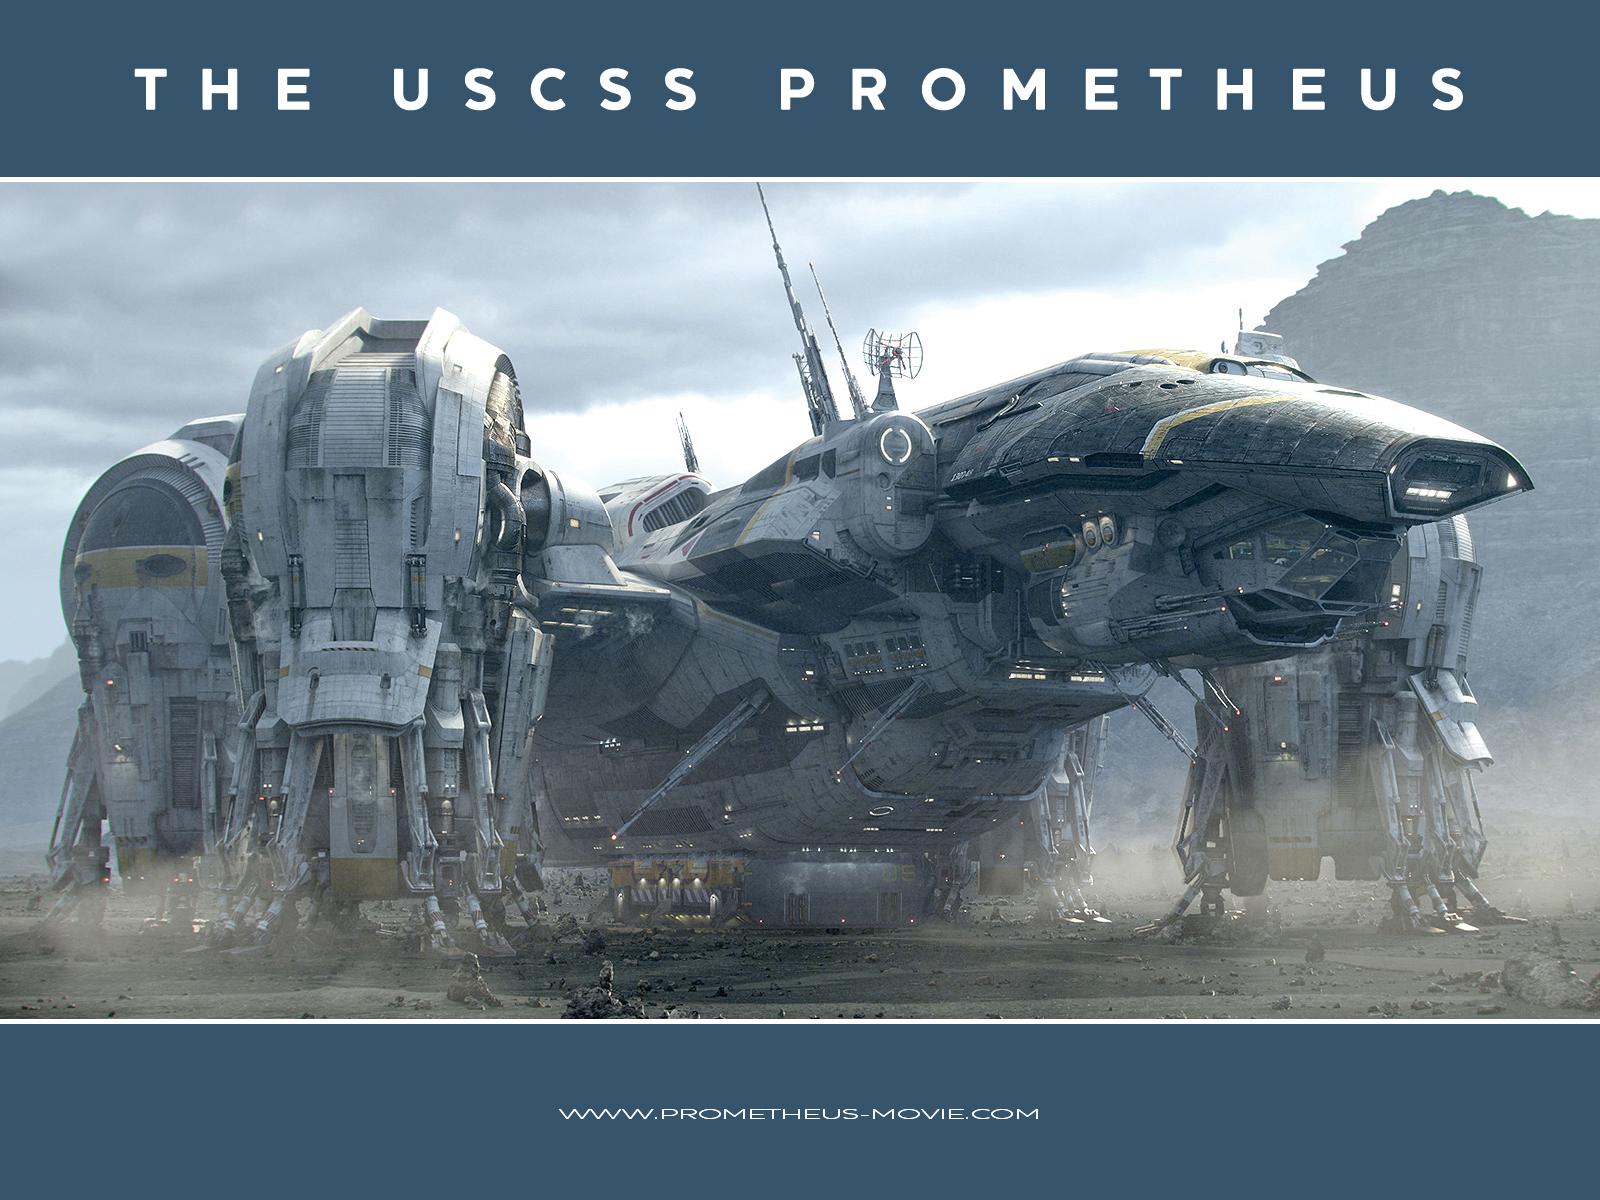 http://4.bp.blogspot.com/--vt-WpMri_o/T8qQl0EJsDI/AAAAAAAAECQ/OdGlZMngD8o/s1600/Prometheus-Ship.jpg